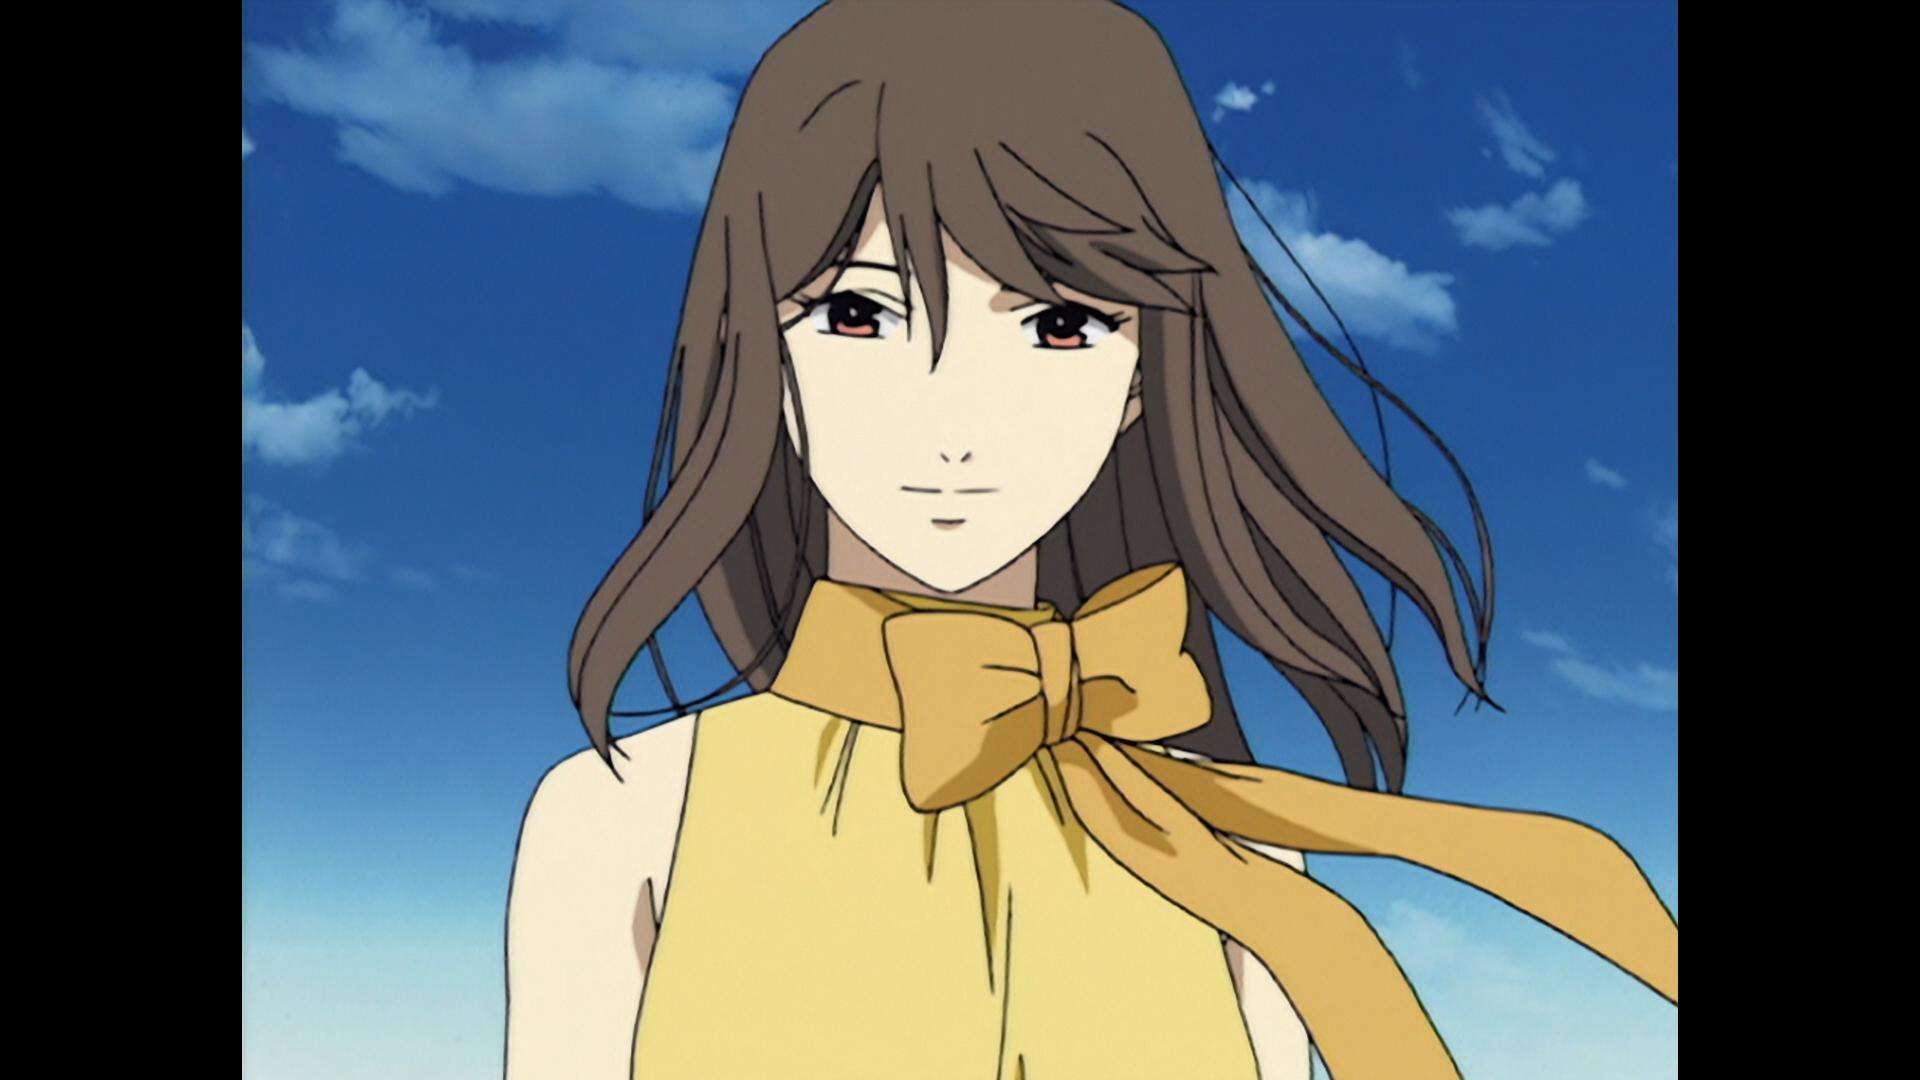 イシュトリ 美嶋玲香 ラーゼフォンの黄色いワンピース mishima reika Ixtli